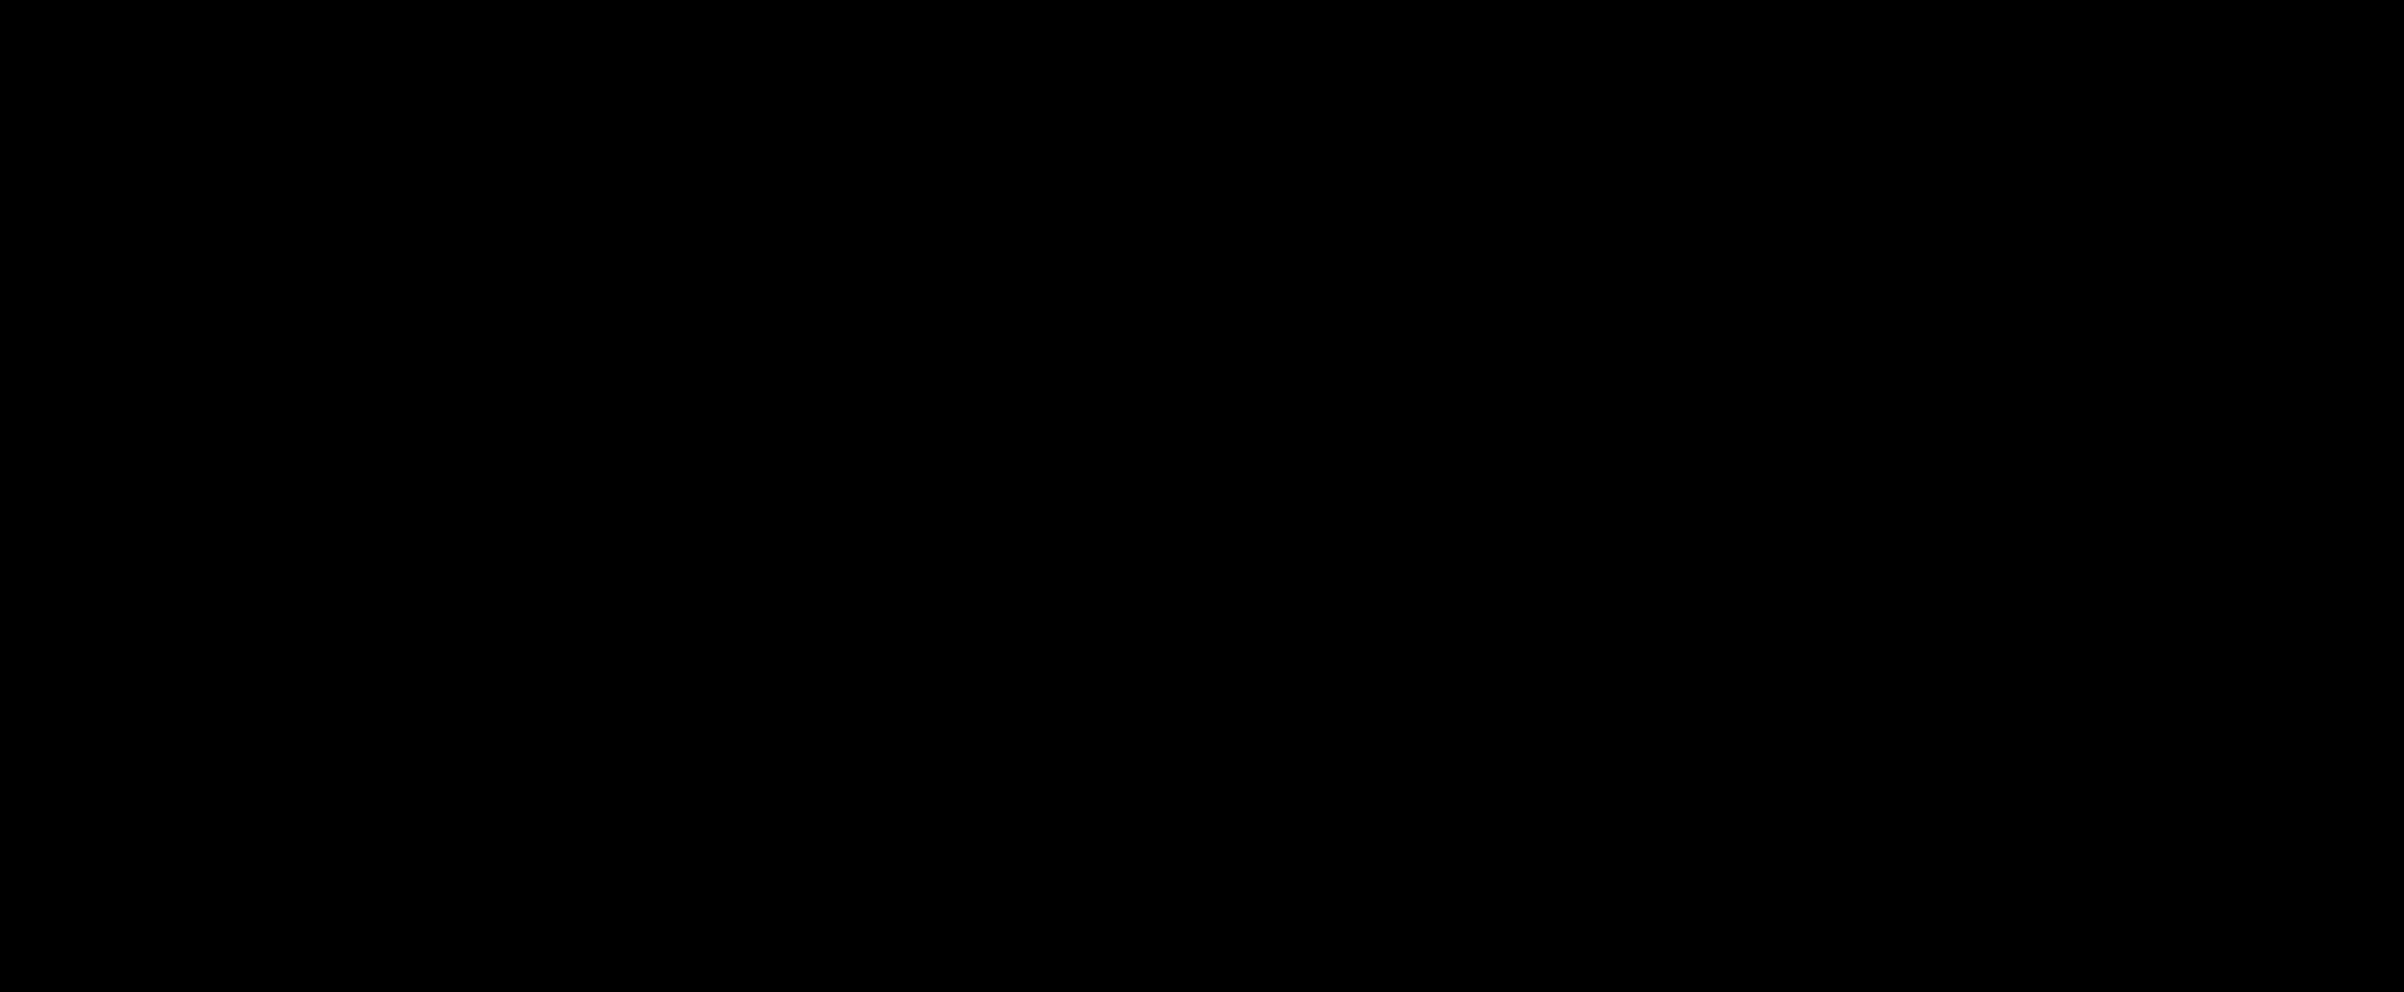 3-O-Dansyl-ethynylestradiol